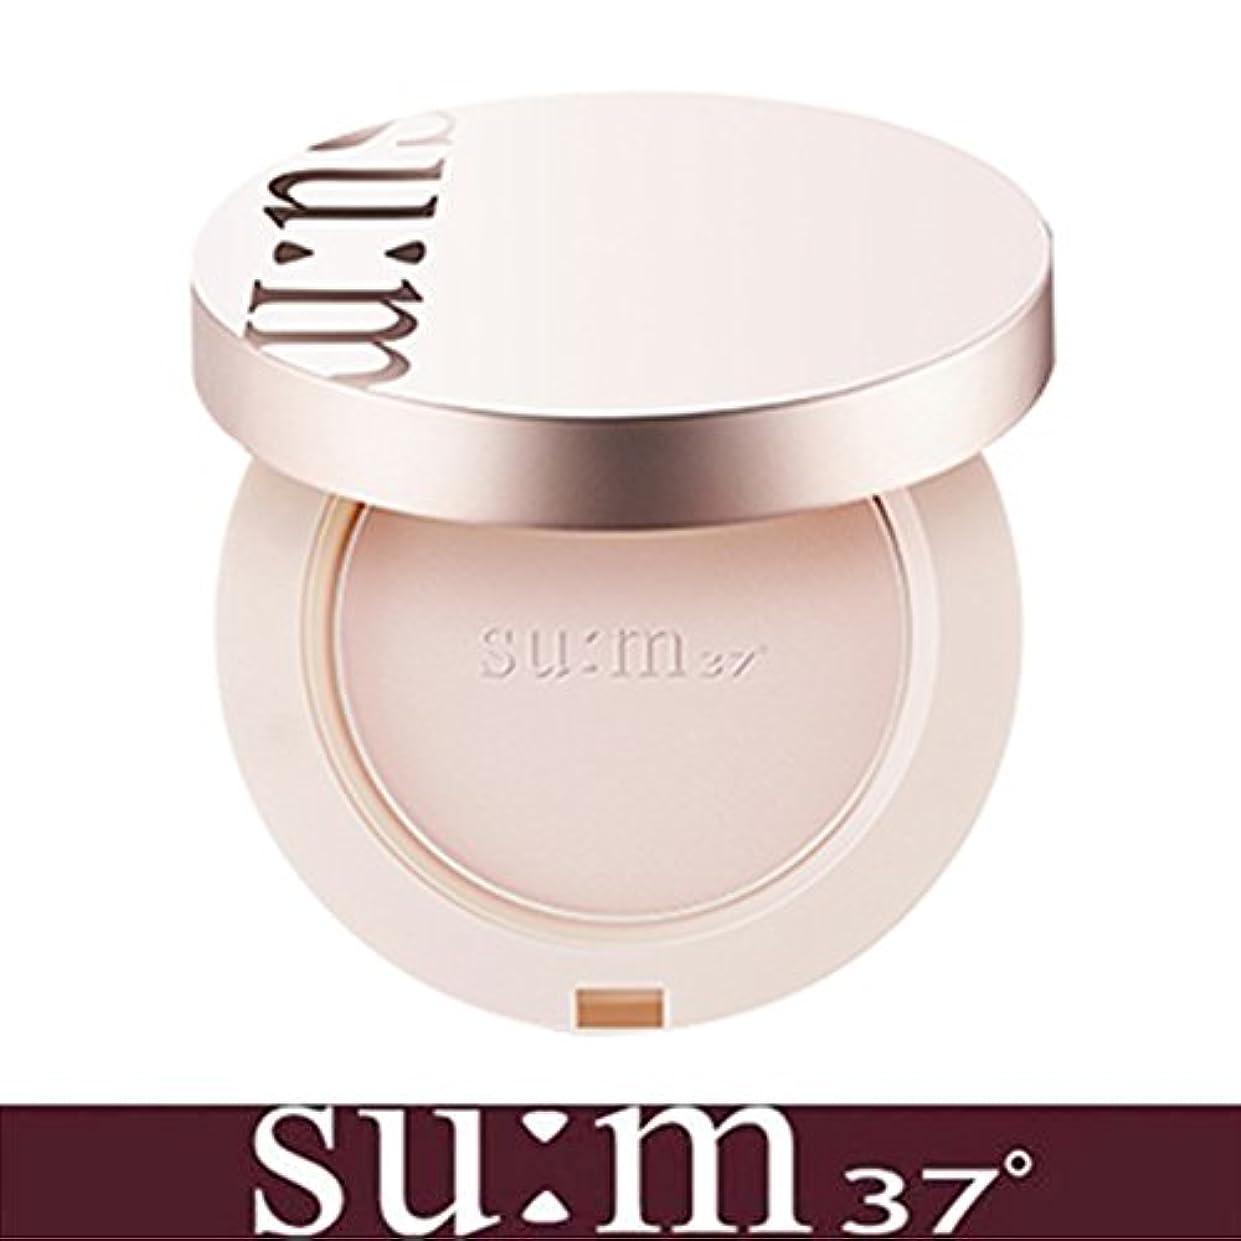 ラッシュおかしい発生[su:m37/スム37°] Sun-away Mild Tone-up Sun Pact SPF50+/PA++++/ライン - アウェイマイルドトンオプ線ファクト+[Sample Gift](海外直送品)